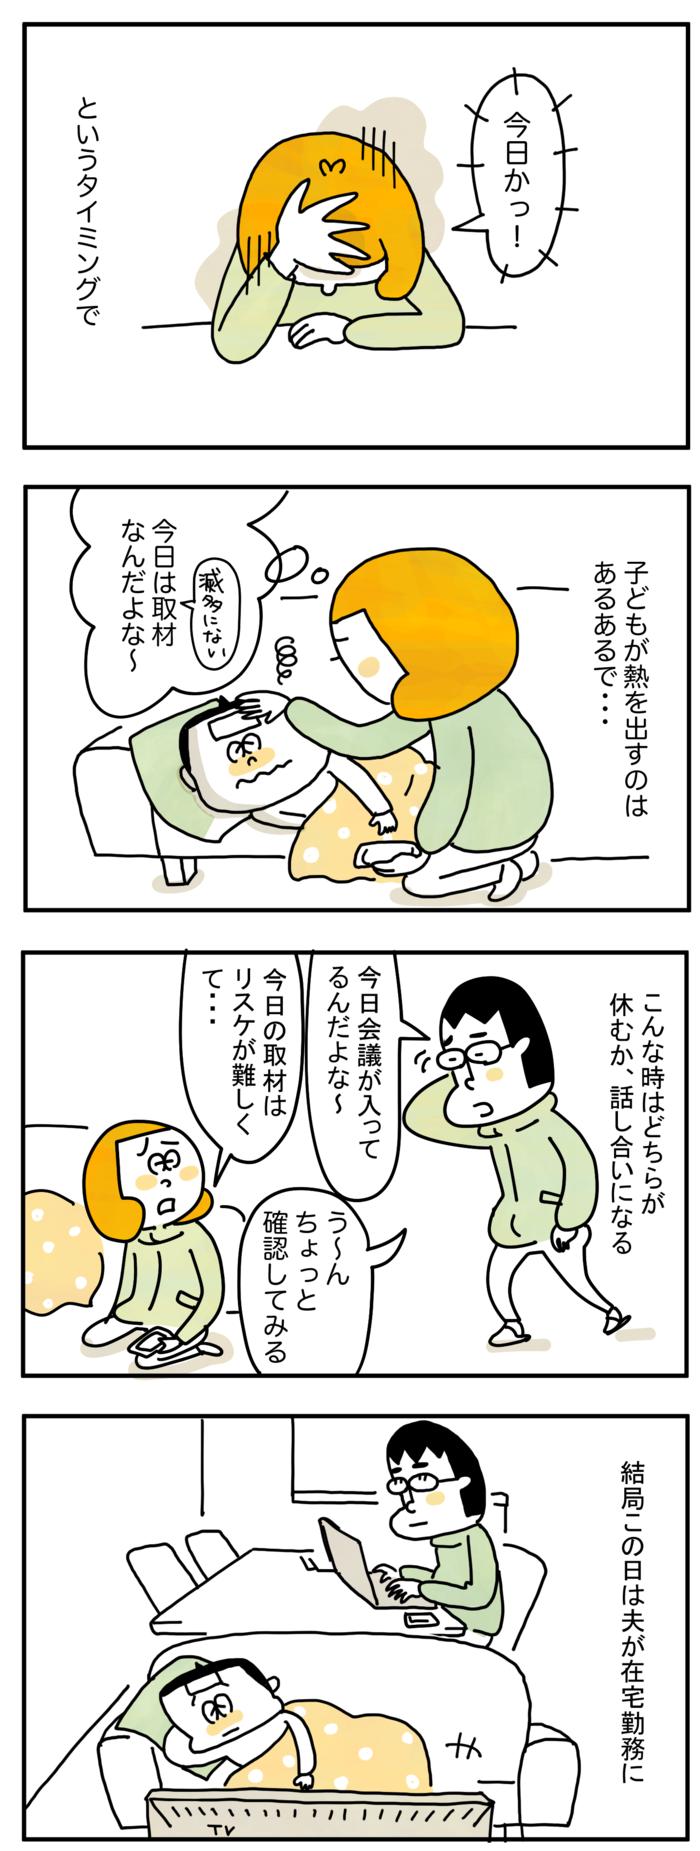 ママは仕事。パパが子どもを看病する時、会社に「嘘」をつかないと休めない…?の画像1